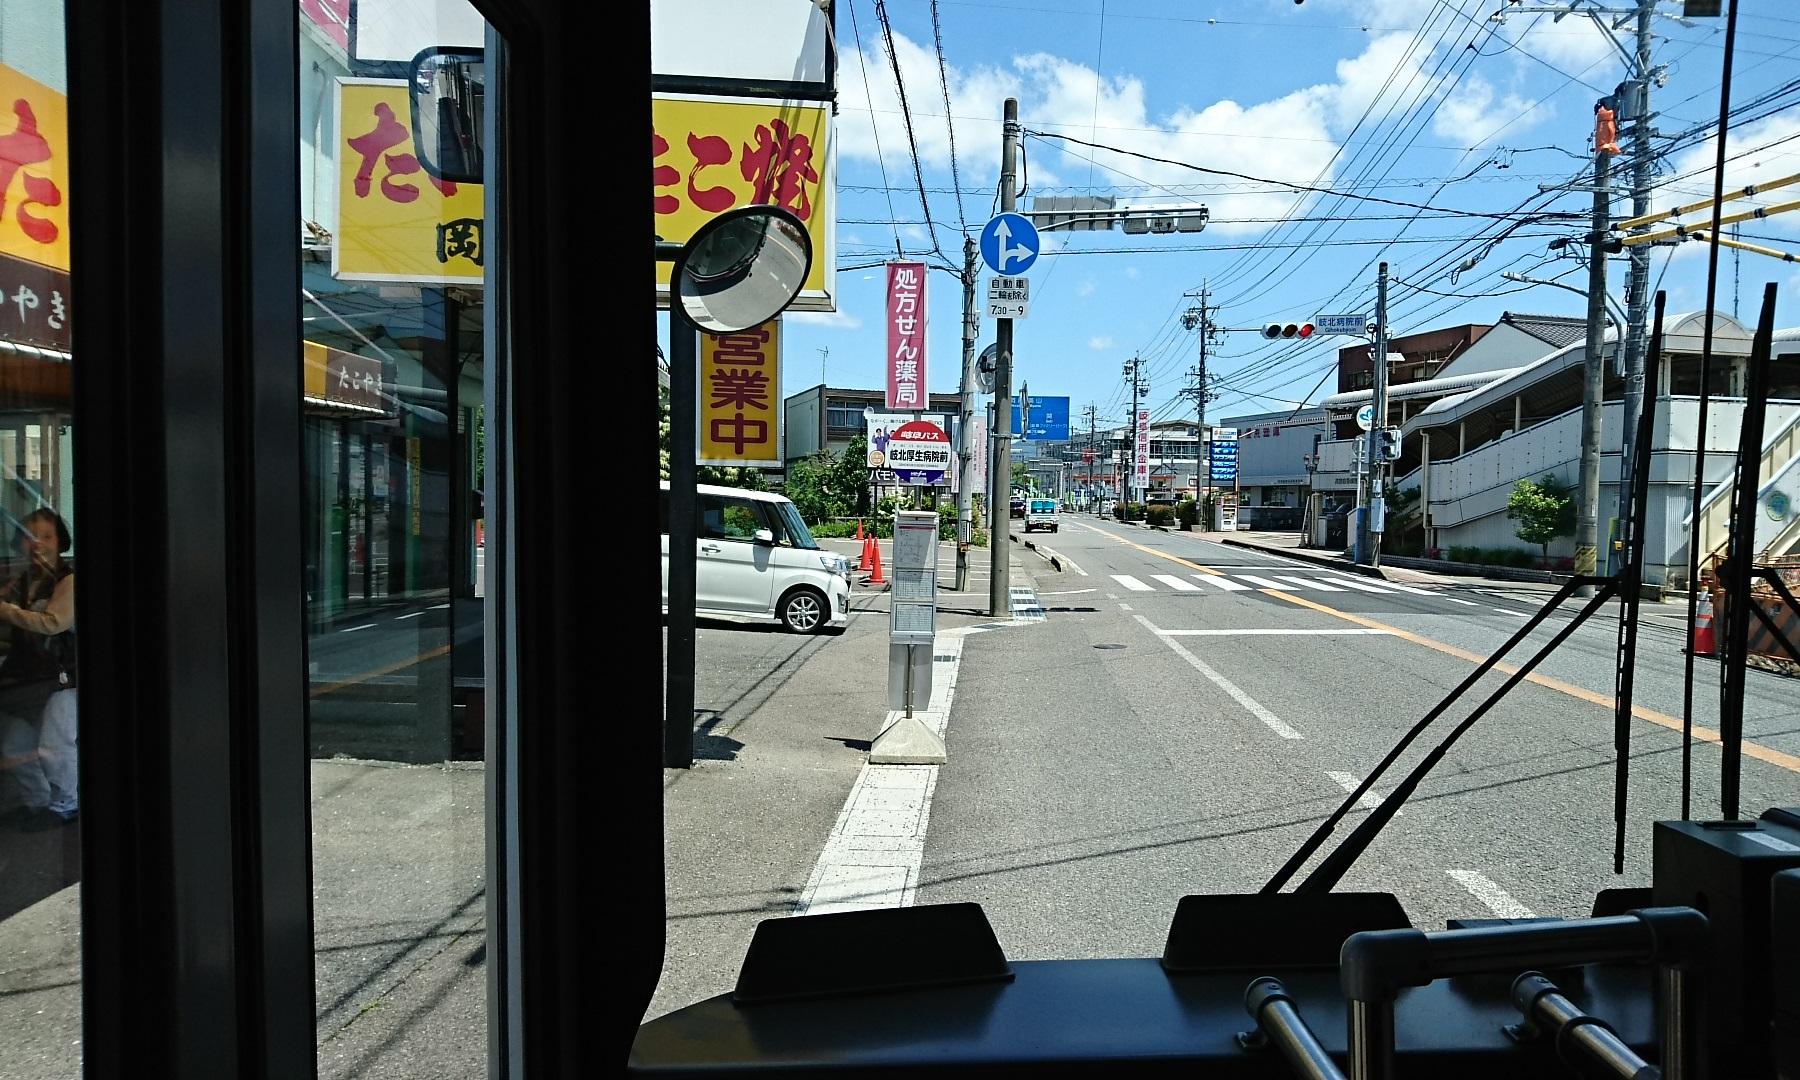 2018.6.1 岐阜 (52) 高富いきバス - 岐北厚生病院前バス停 1800-1080